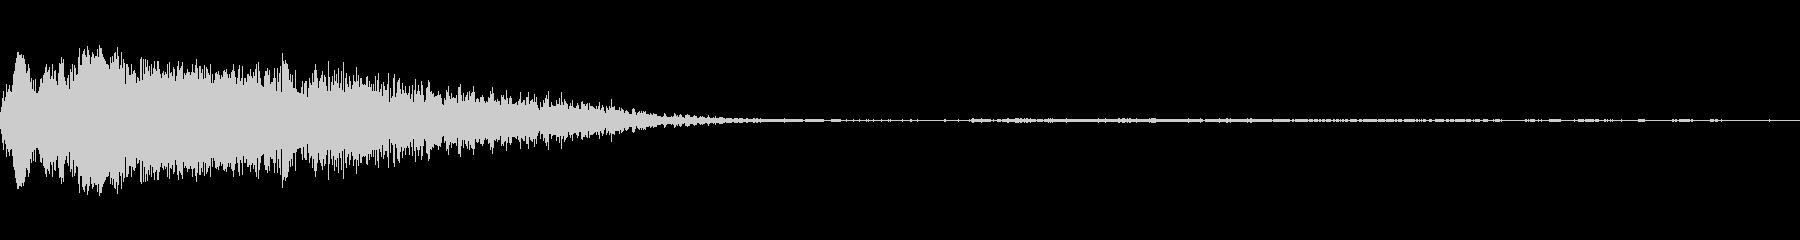 落雷のヒントの未再生の波形